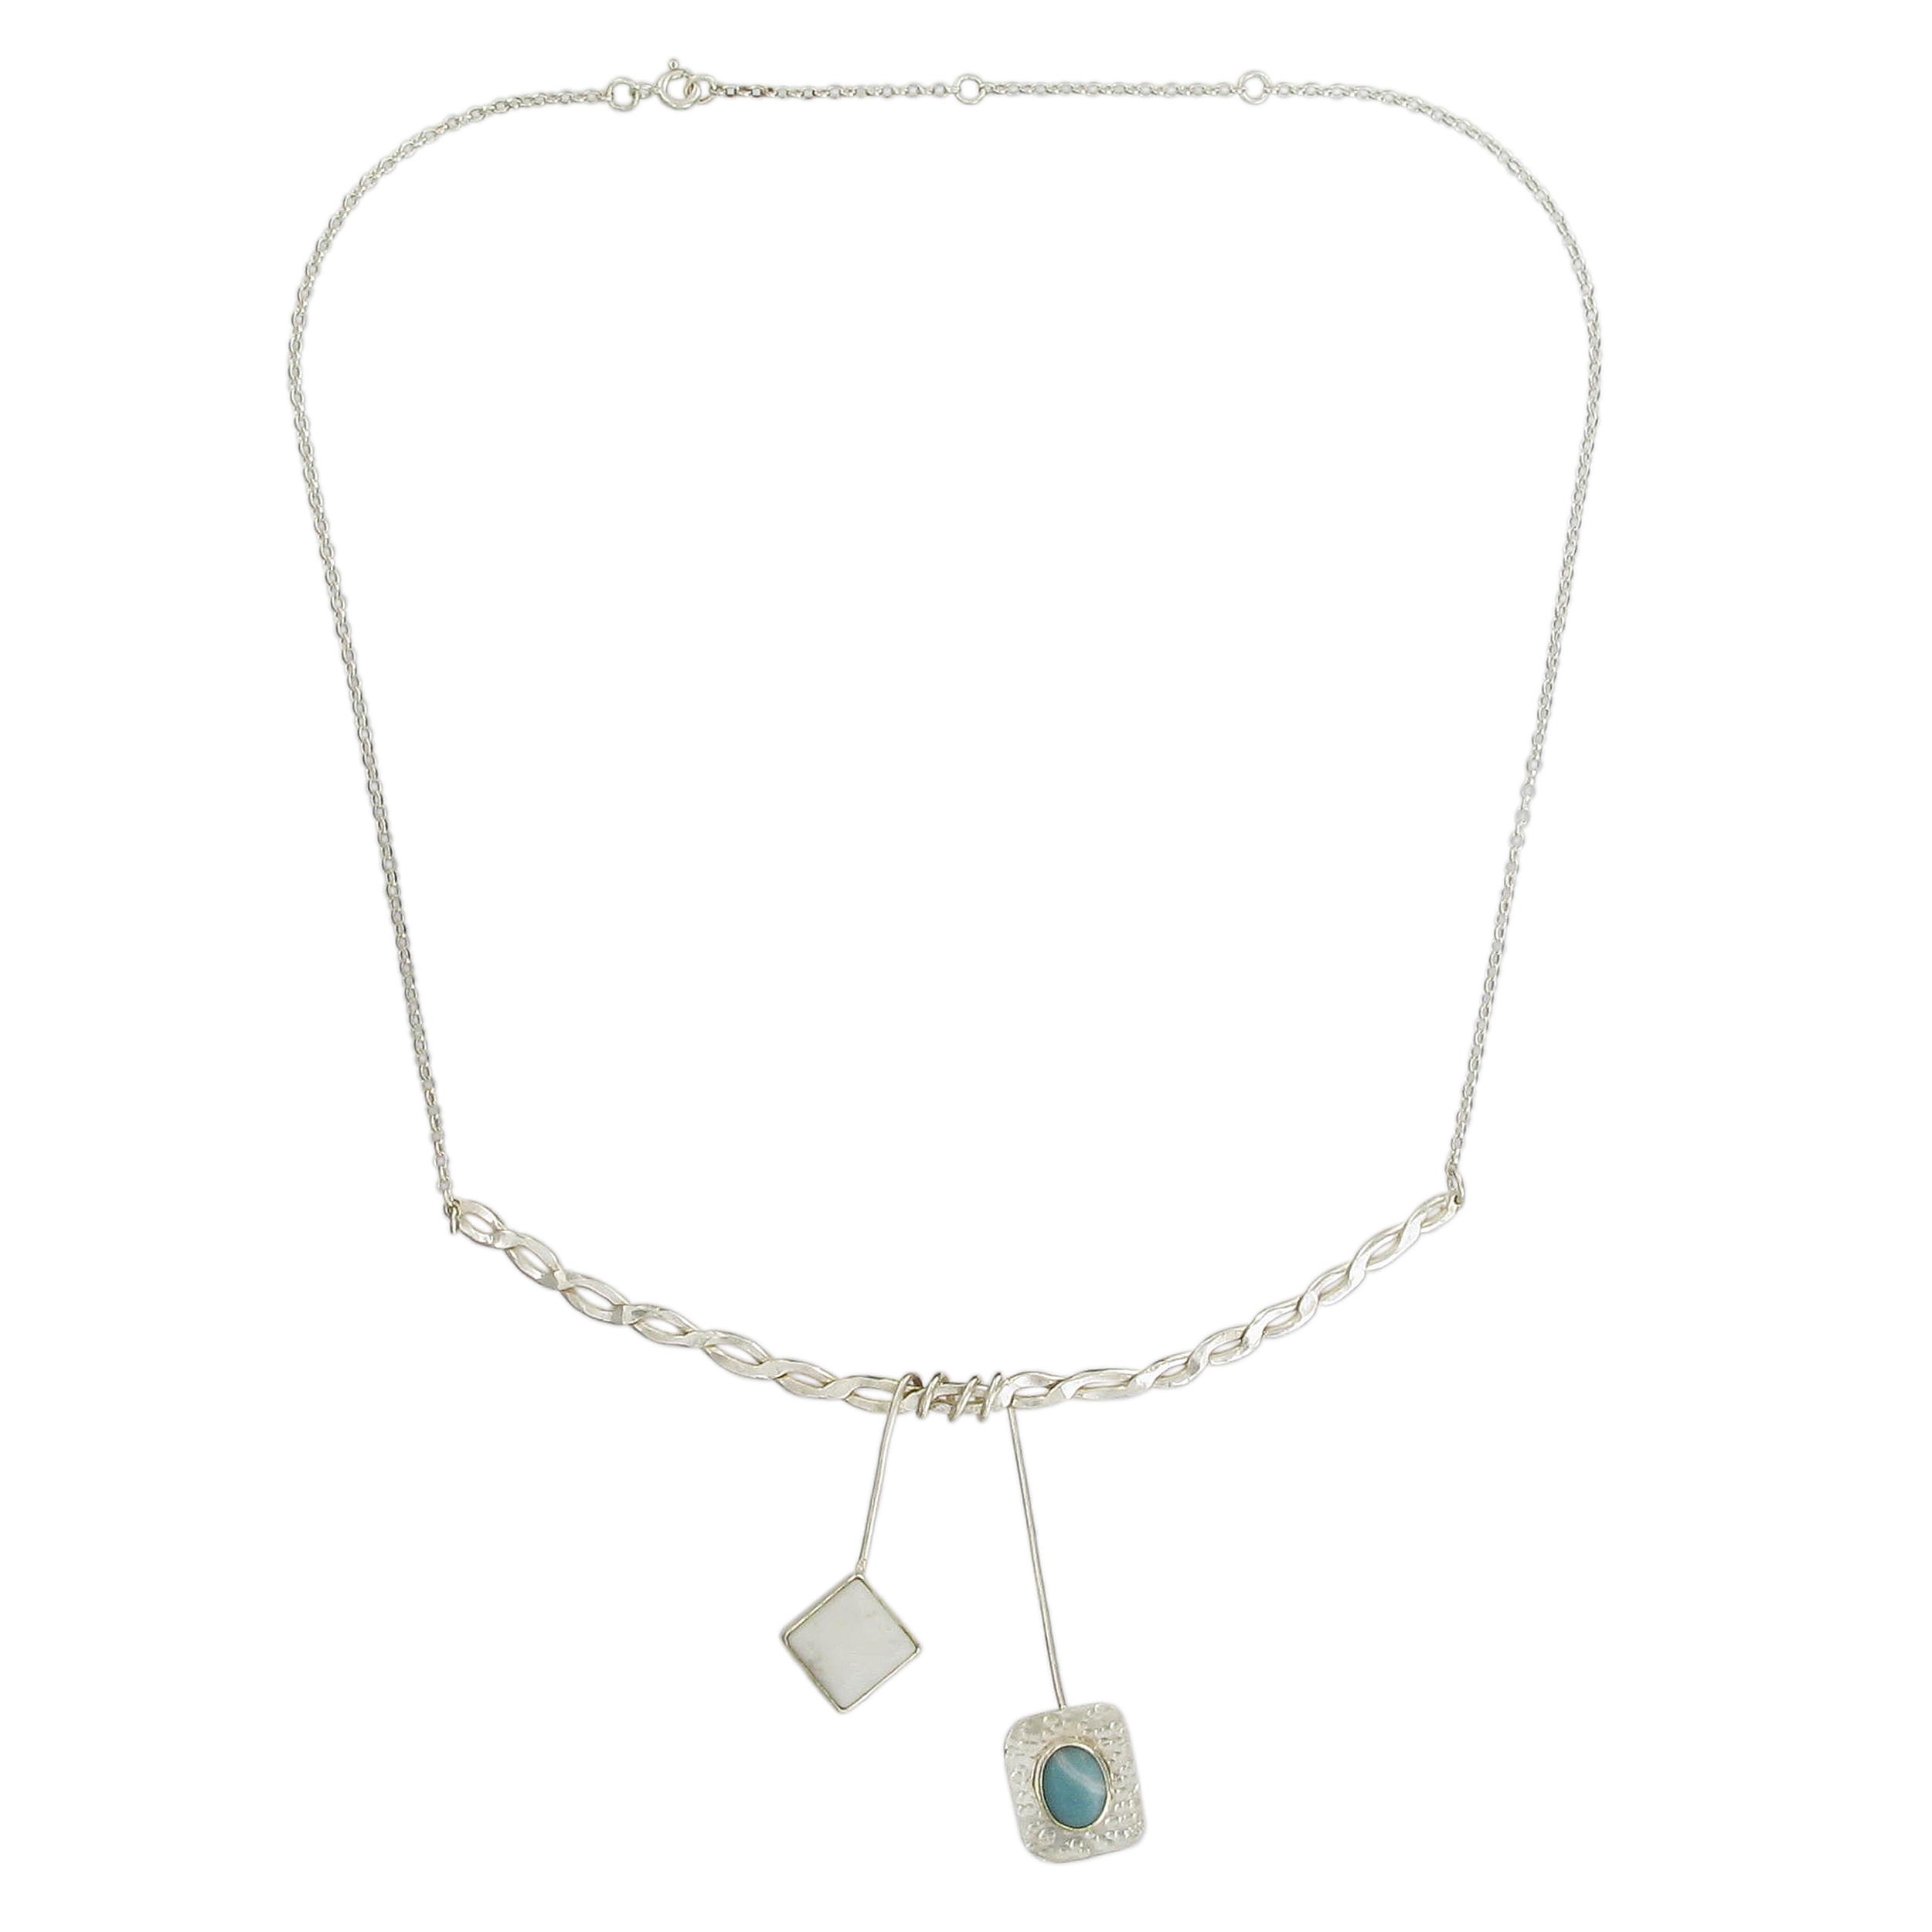 Athena howlite necklace